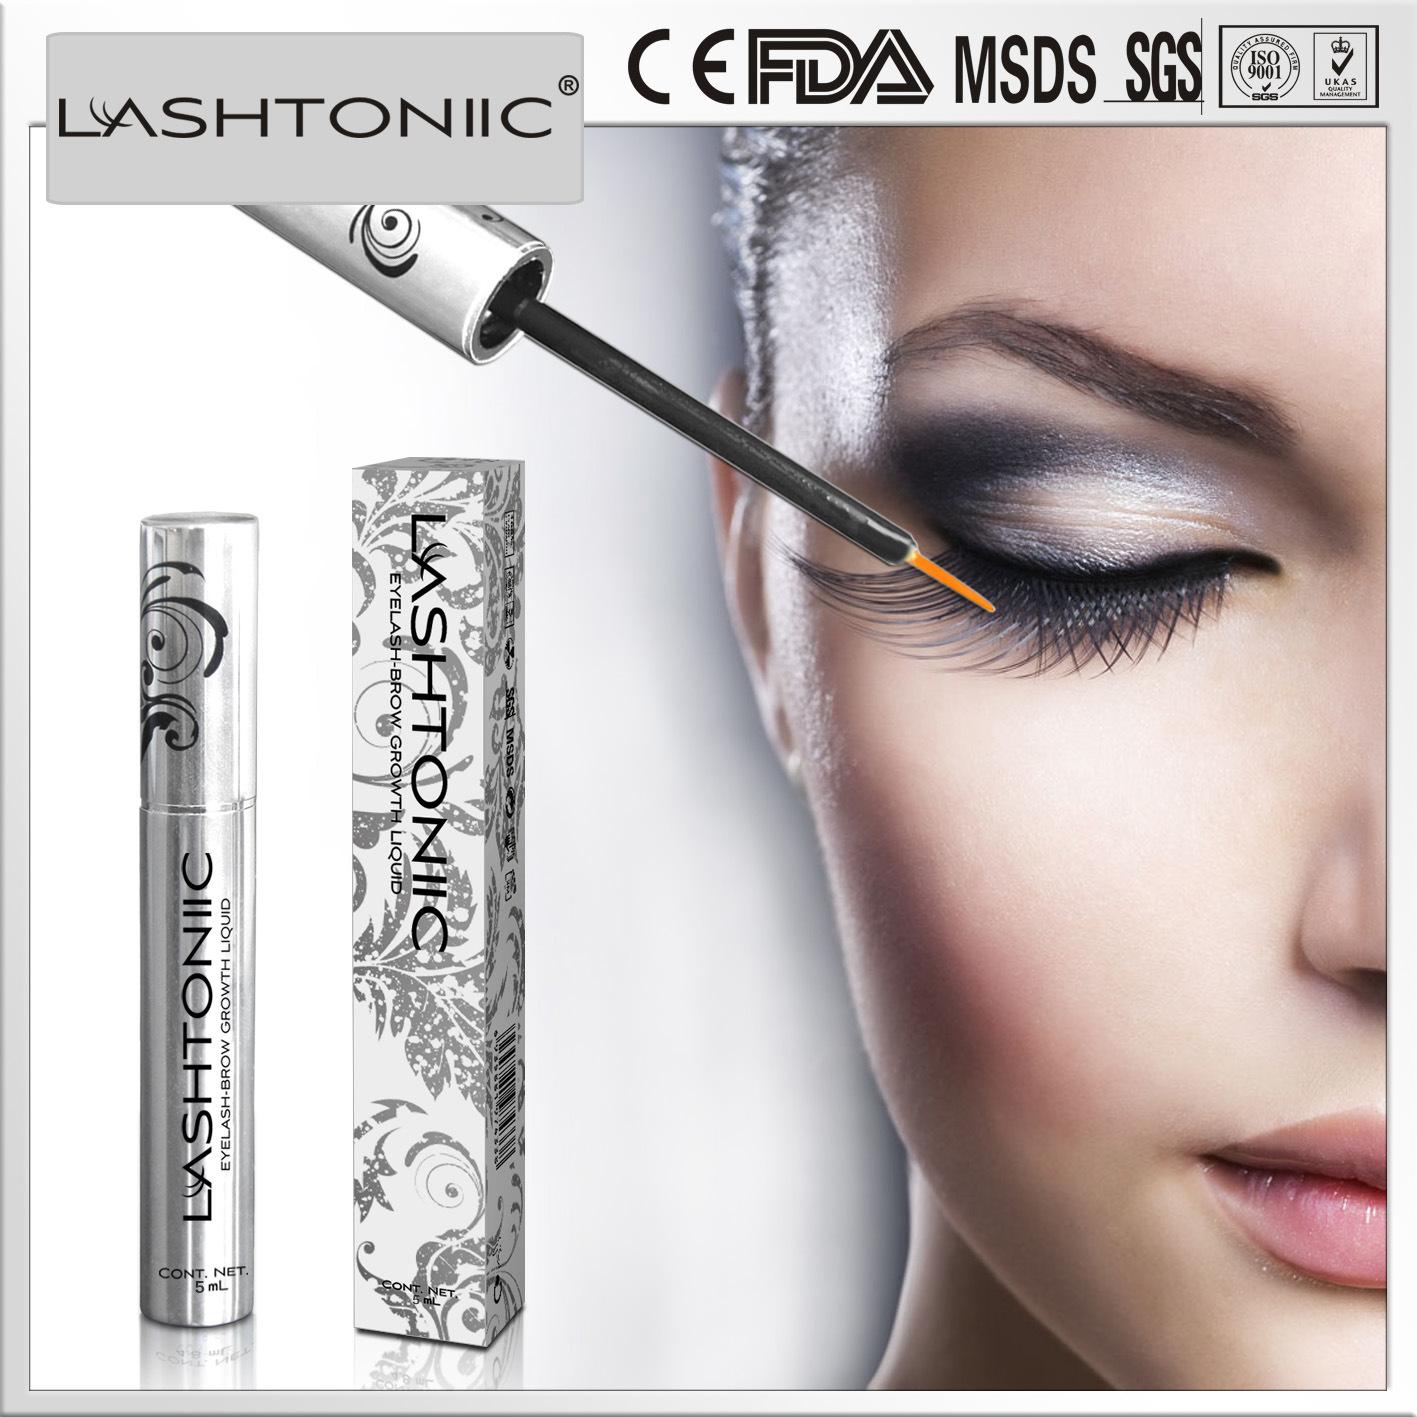 China Effective And Safe Herbal Lashtoniic Eyelash Eyebrow Enhancing